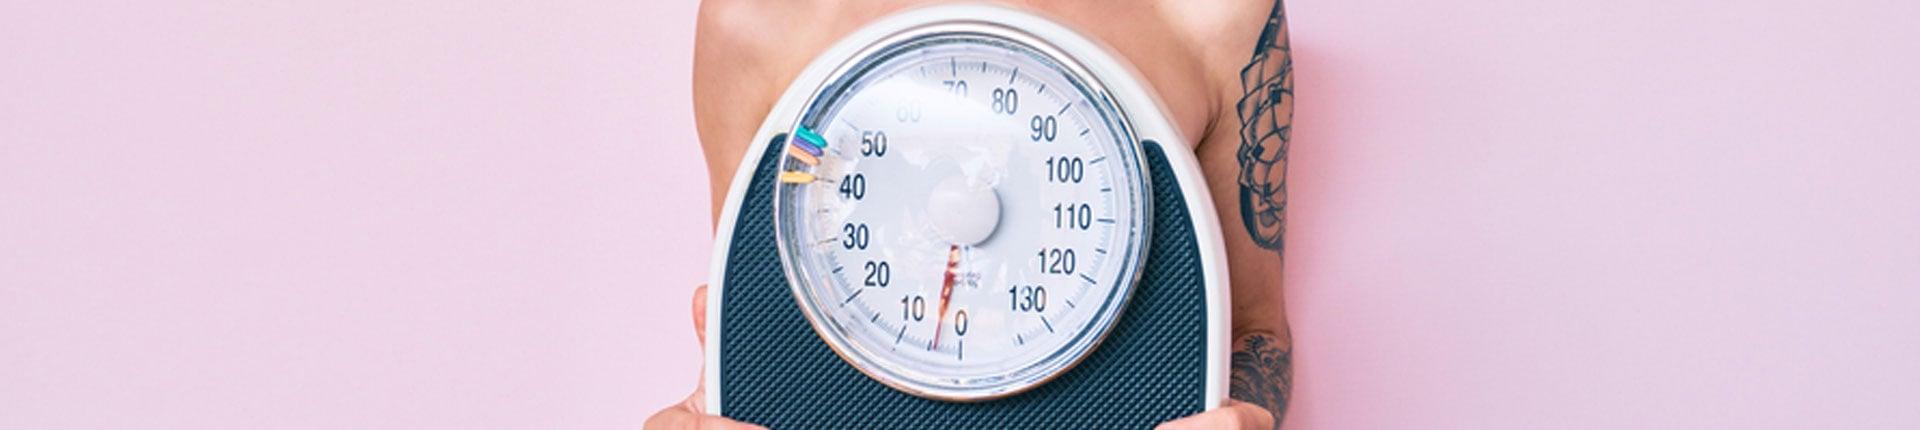 Jak często ważyć się? Czy częste ważenie pomaga w odchudzaniu?